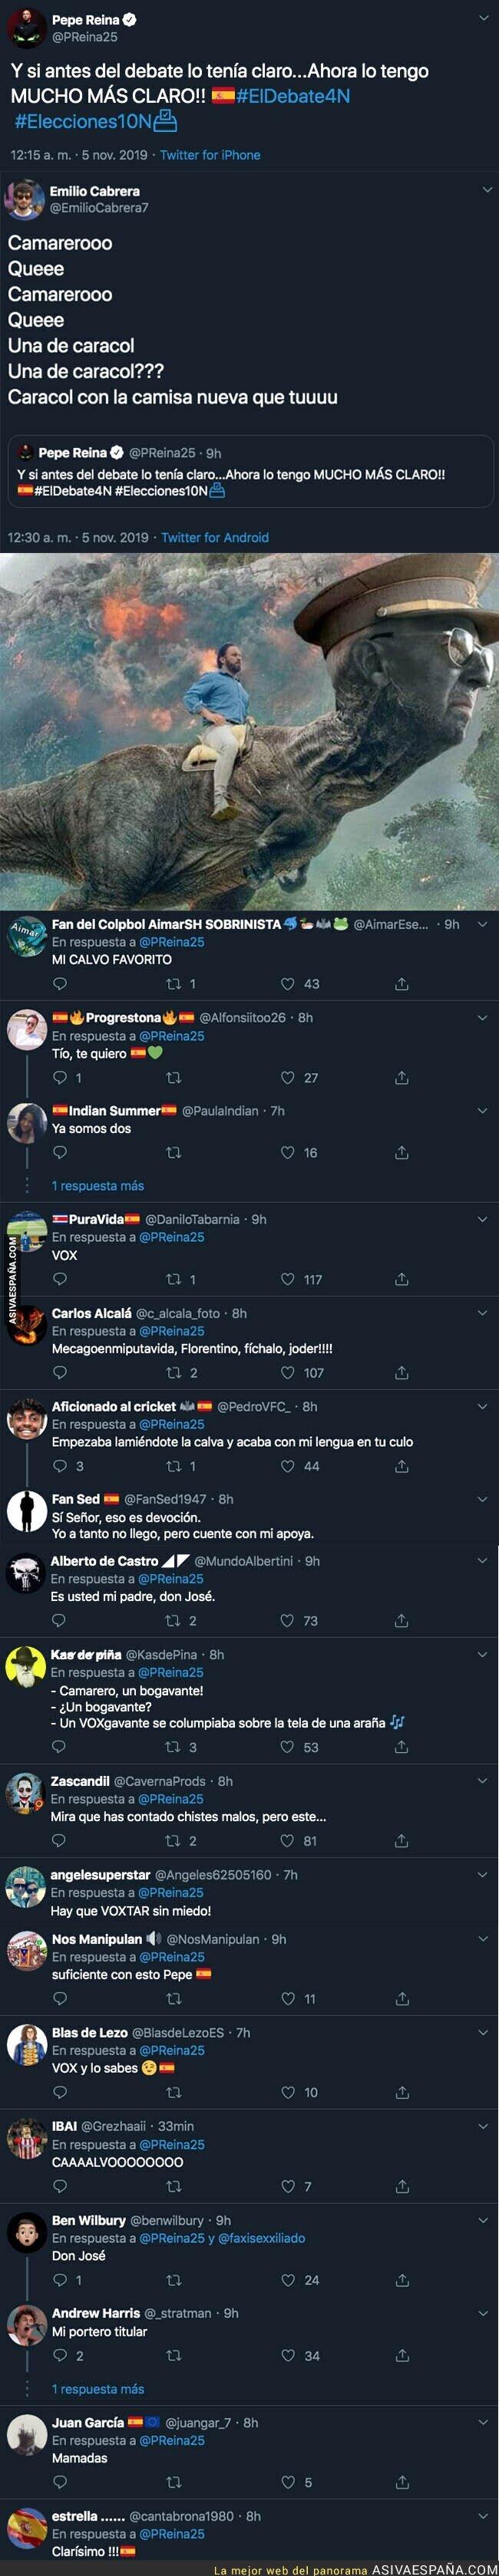 126172 - El portero Pepe Reina anuncia su ideología política y a quien votará durante el Debate Electoral mientras discutían Santiago Abascal y Pablo Iglesias